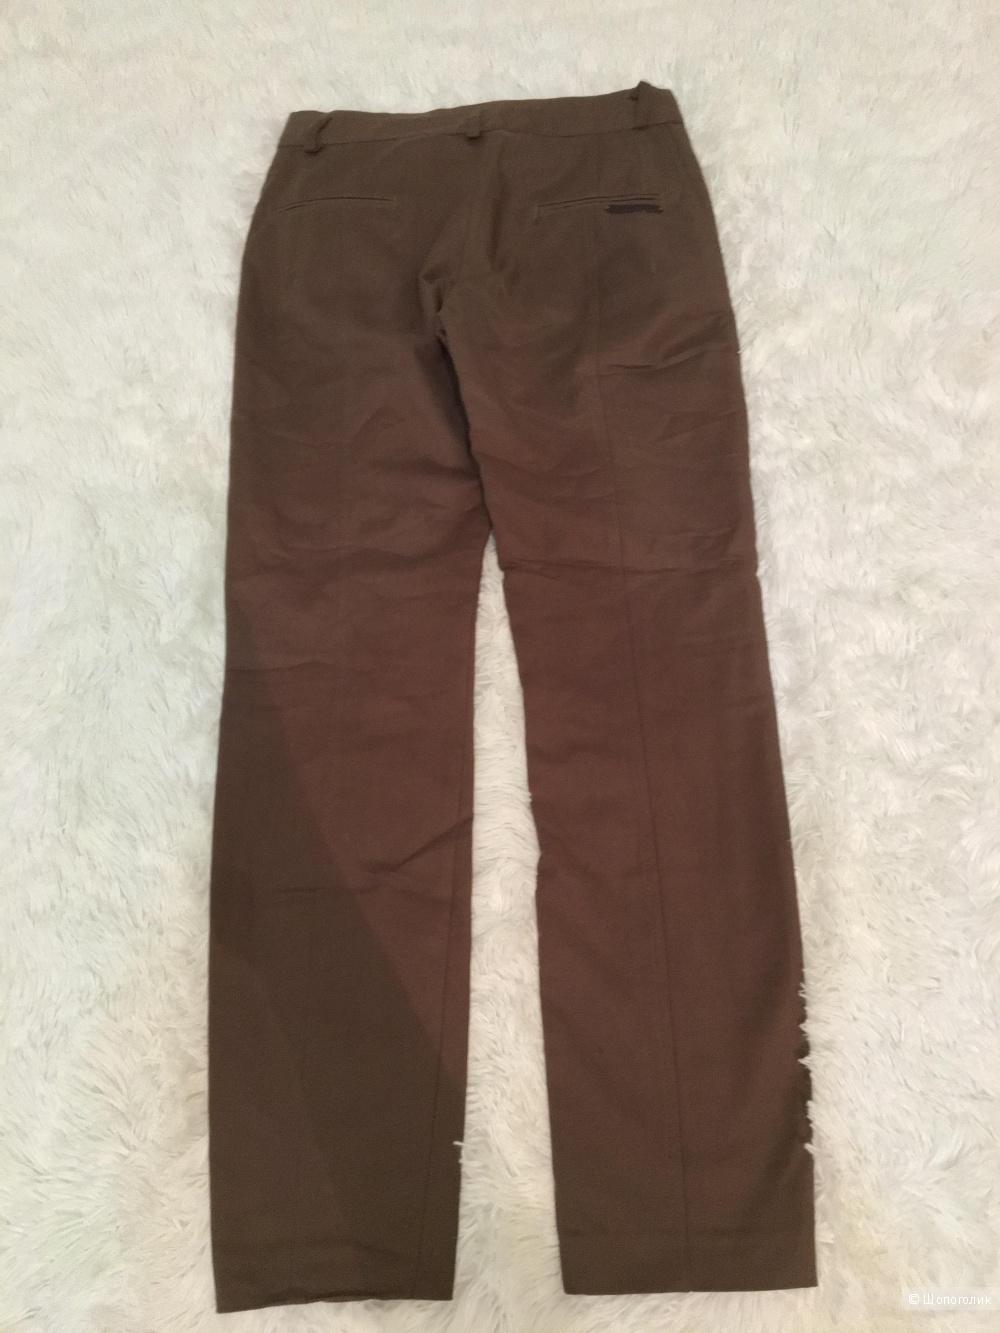 Комплект Zara брюки + блузон, размер S